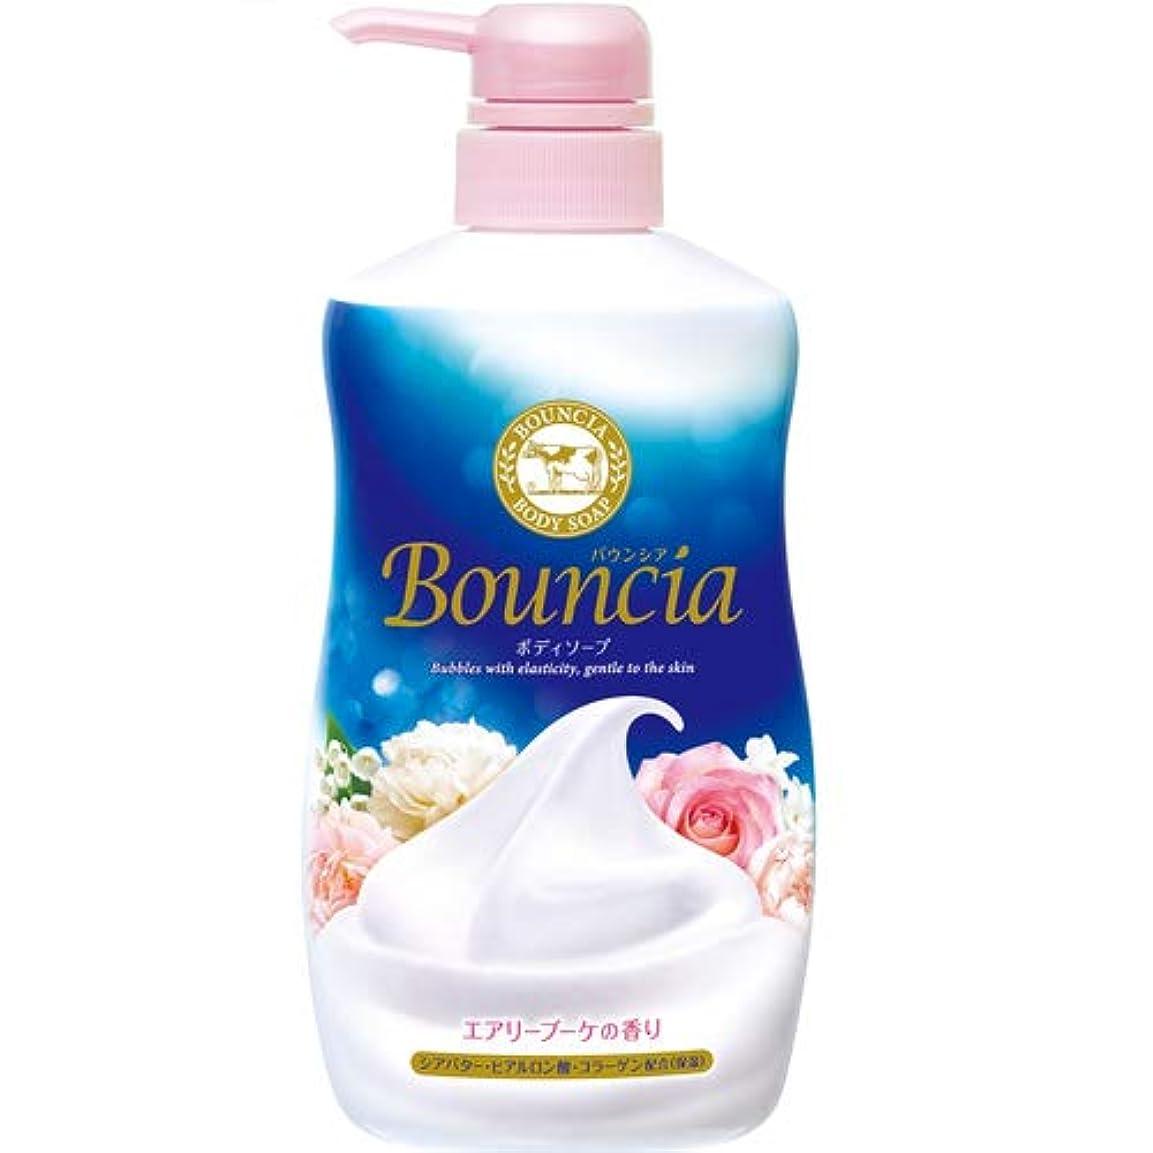 週間ましい悲しみバウンシア ボディソープ エアリーブーケの香り ポンプ付 500mL